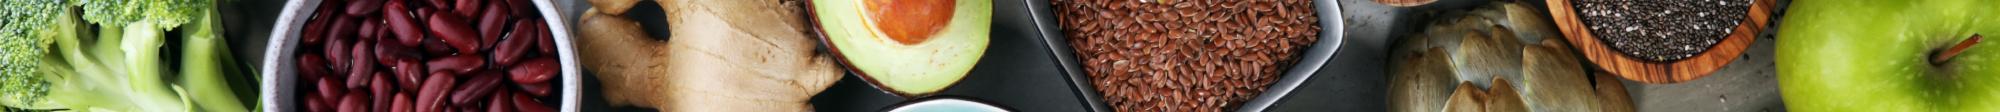 Comprar Aceites, Vinagres, Condimentos | Mixtura Gourmet